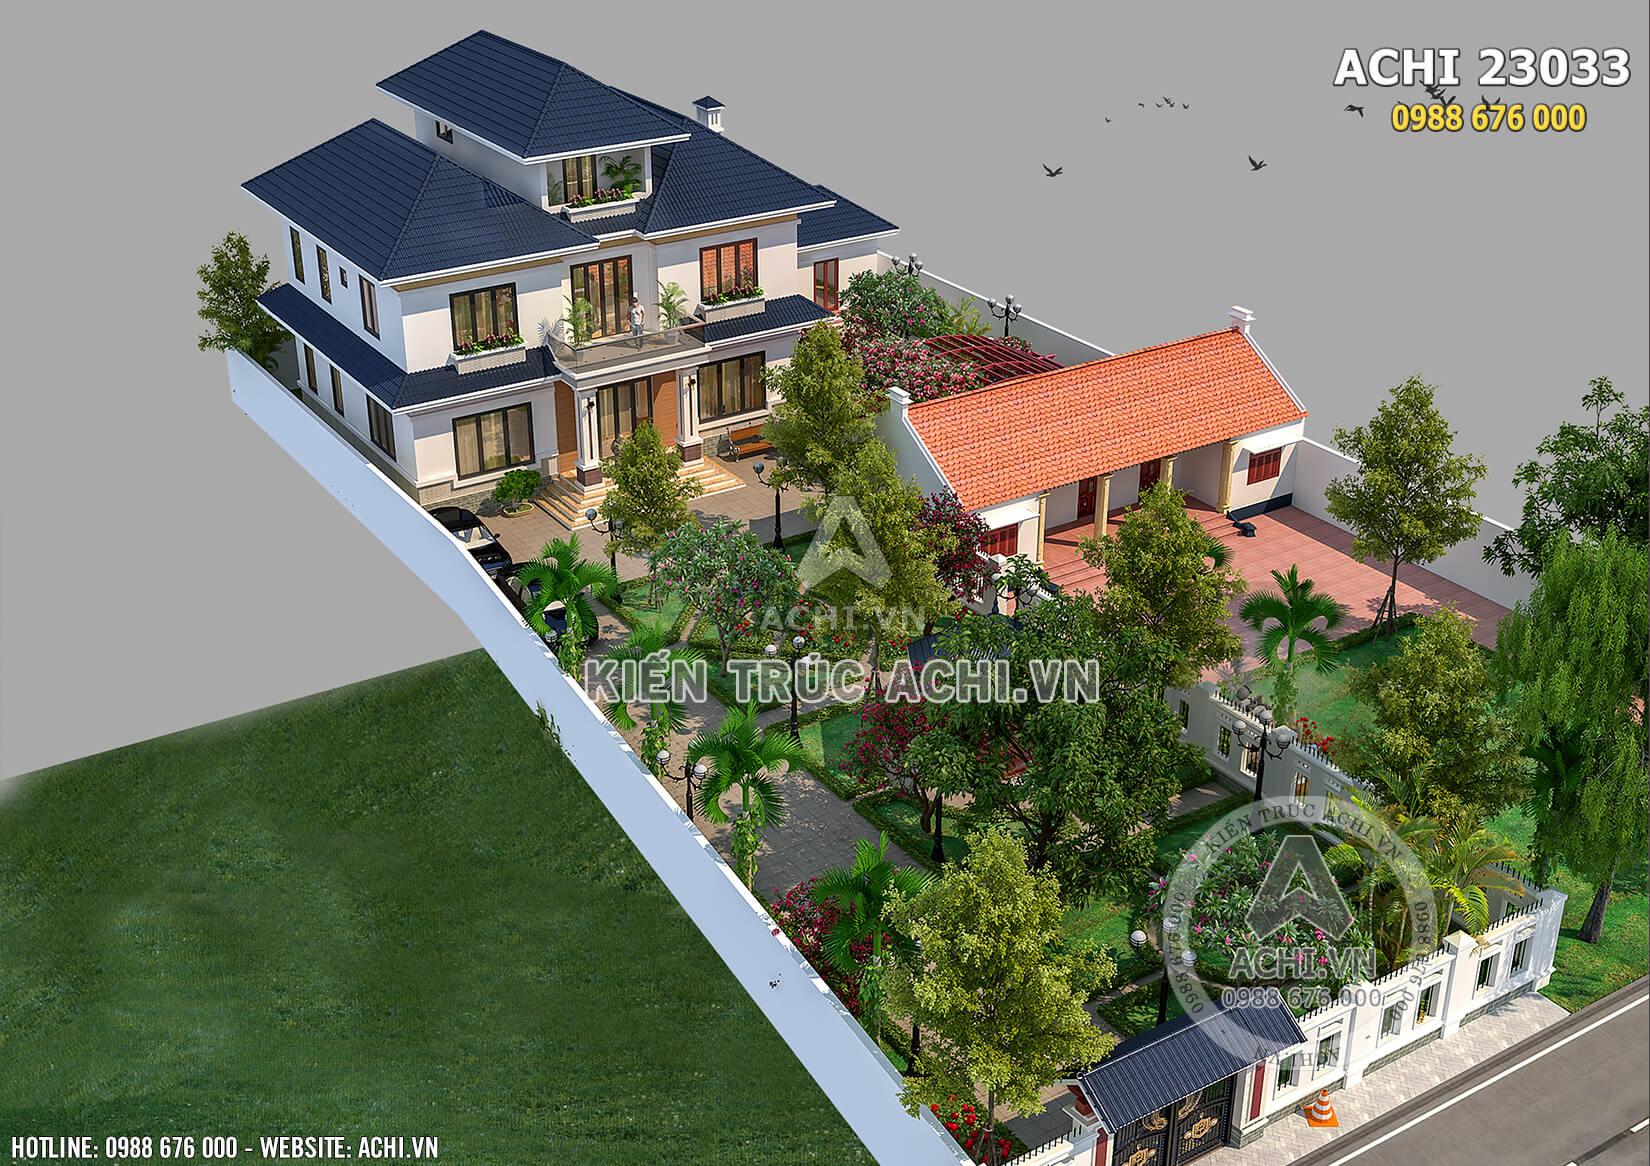 Phối cảnh toàn thể mẫu biệt thự nhà vườn 2.5 tầng đẹp tại Hà Nội – Mã số: Achi23033